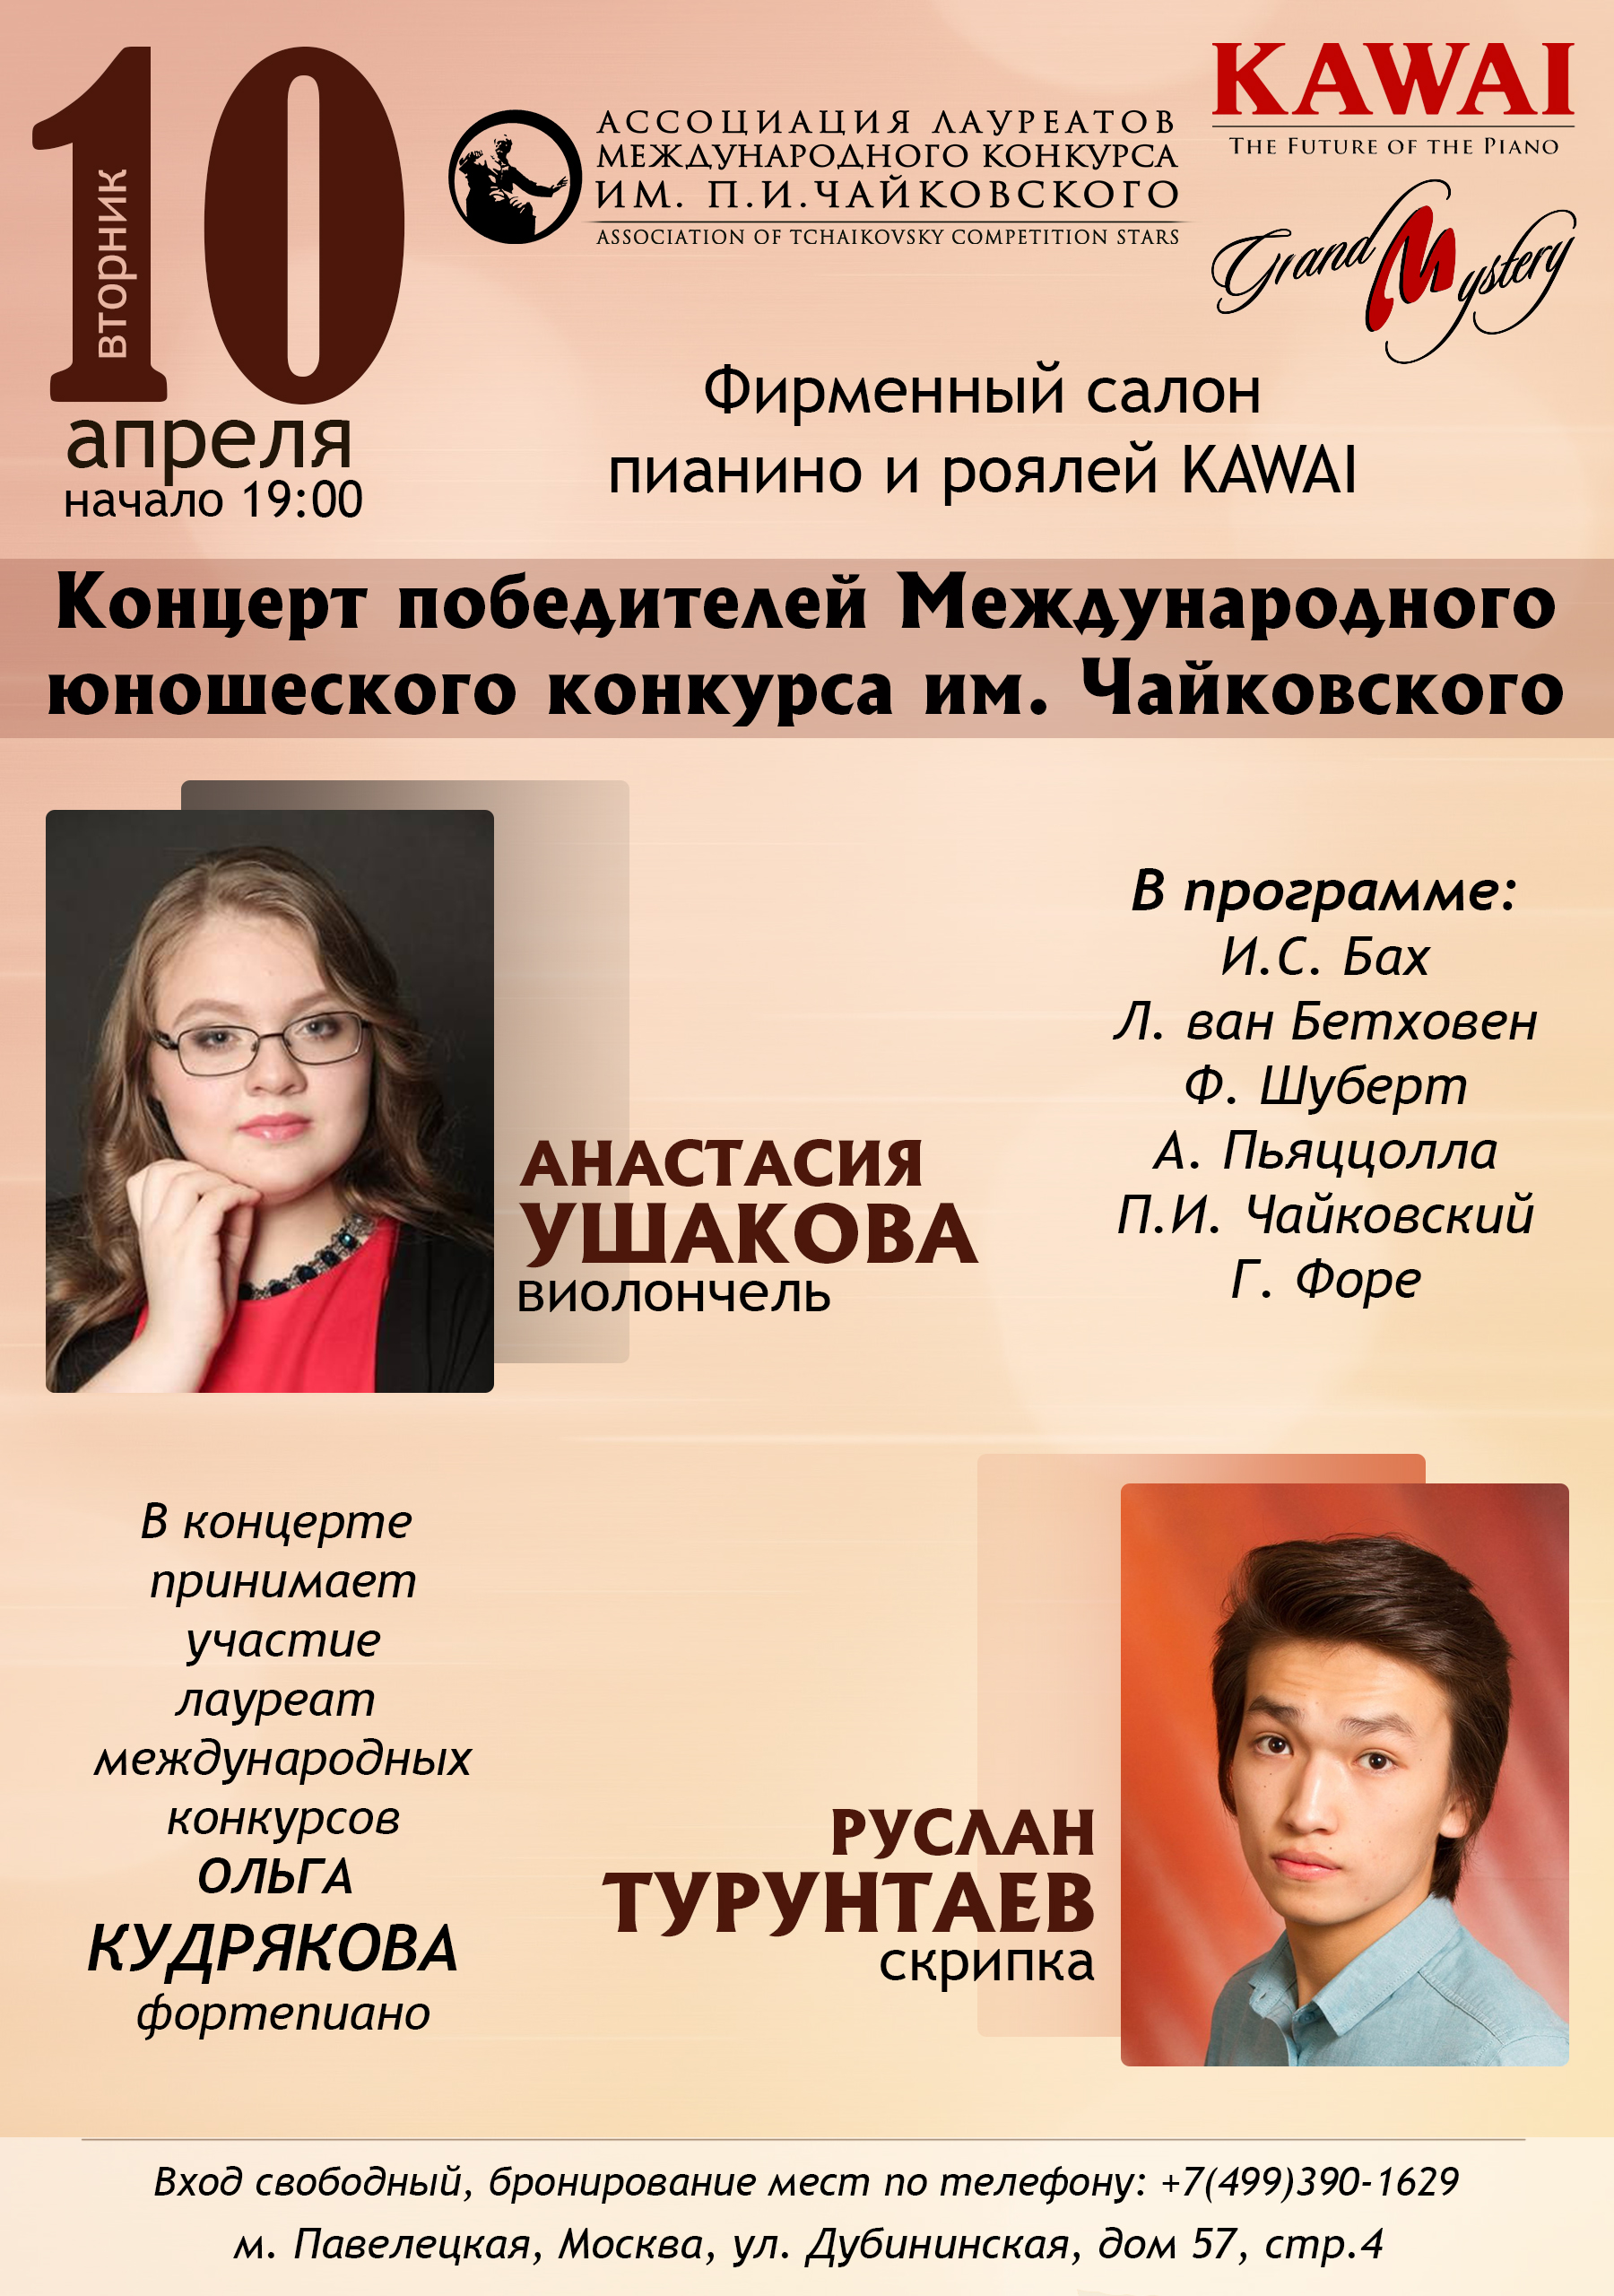 Концерт победителей Международного юношеского конкурса им. Чайковского